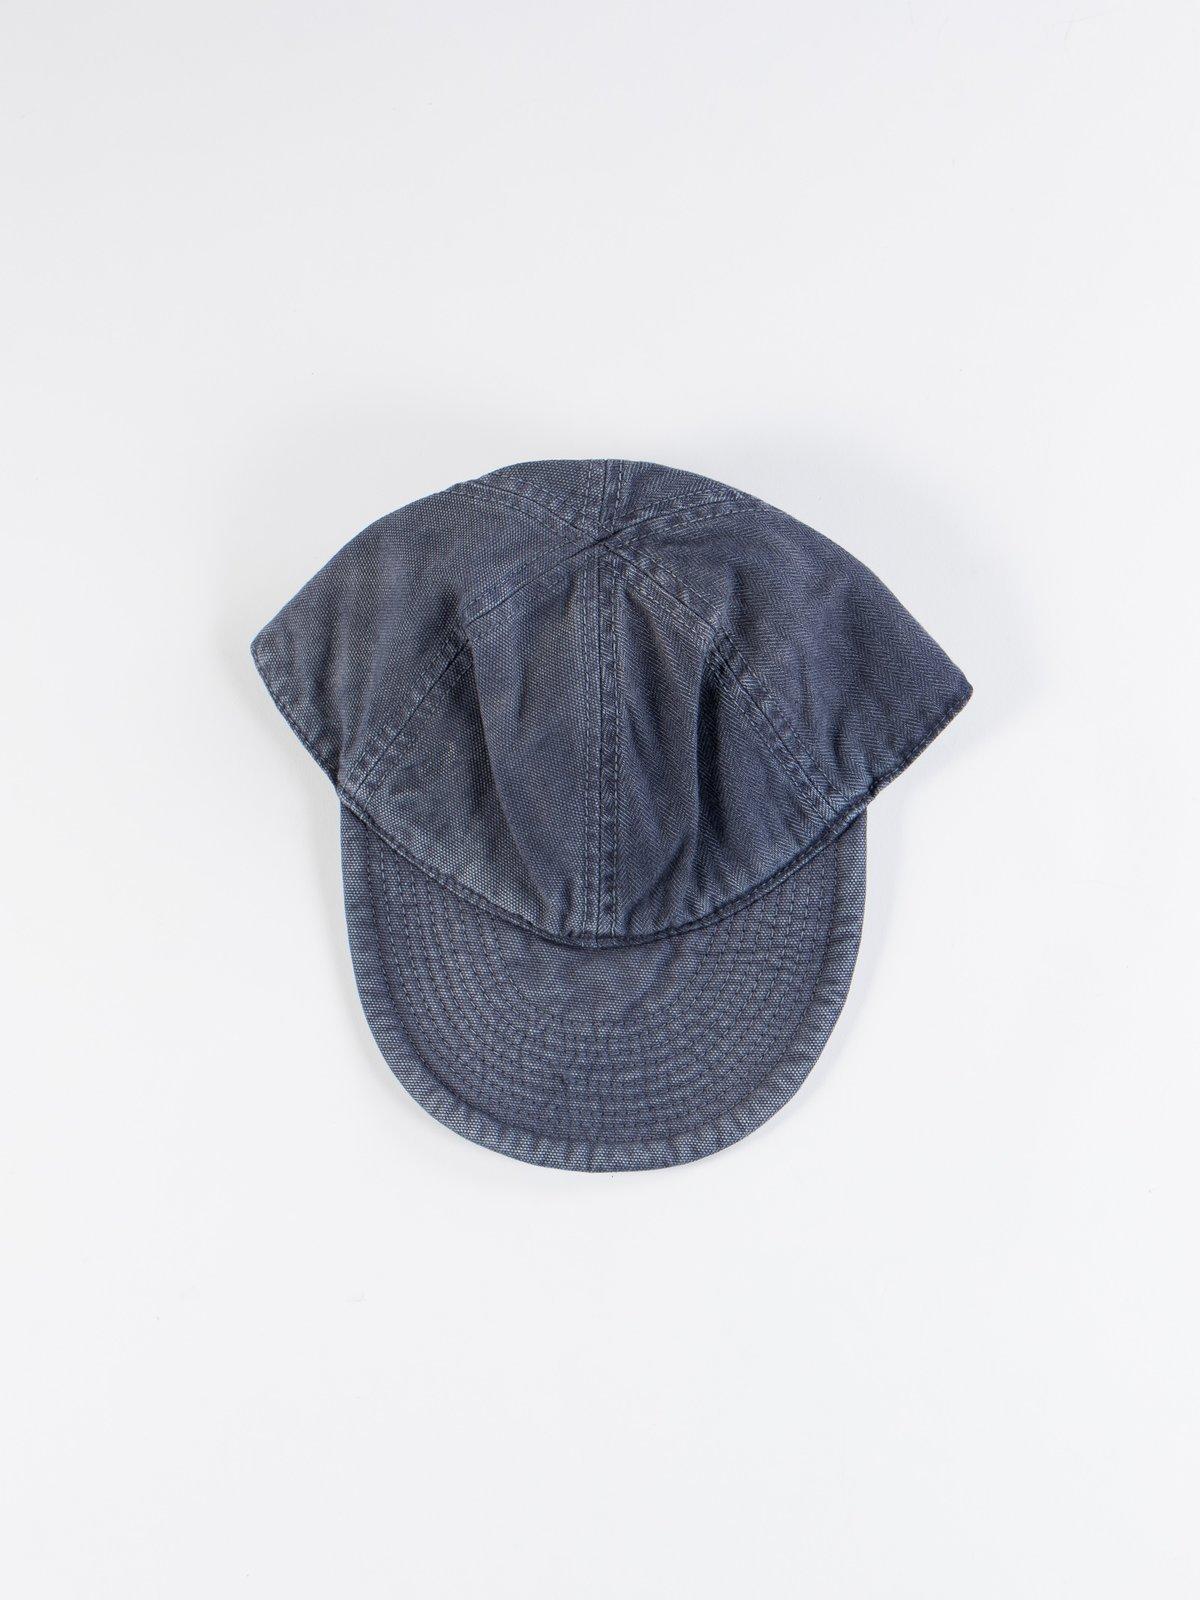 Black Navy Washed Army Mechanics Cap - Image 1